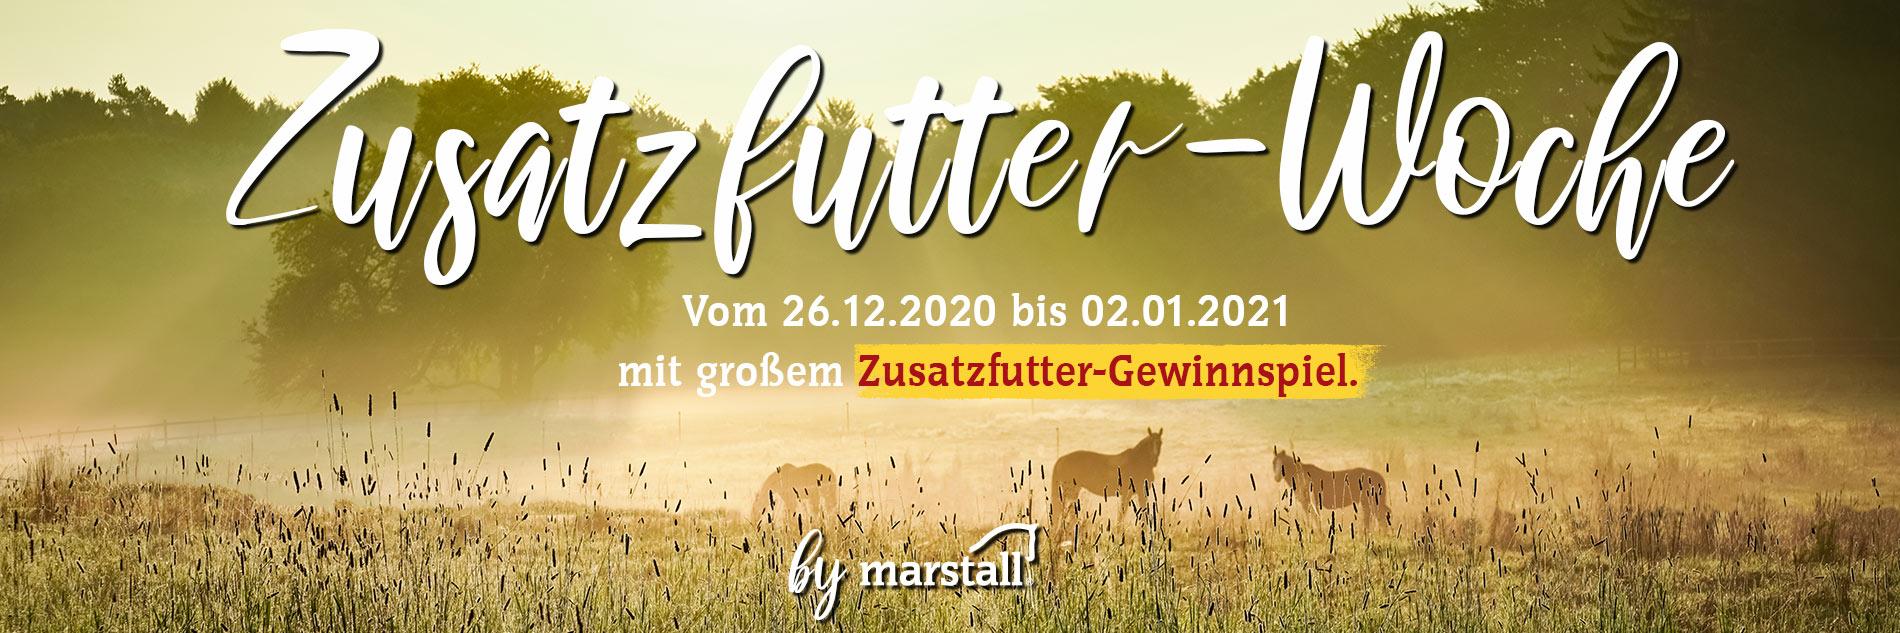 Zusatzfutter-Woche by marstall